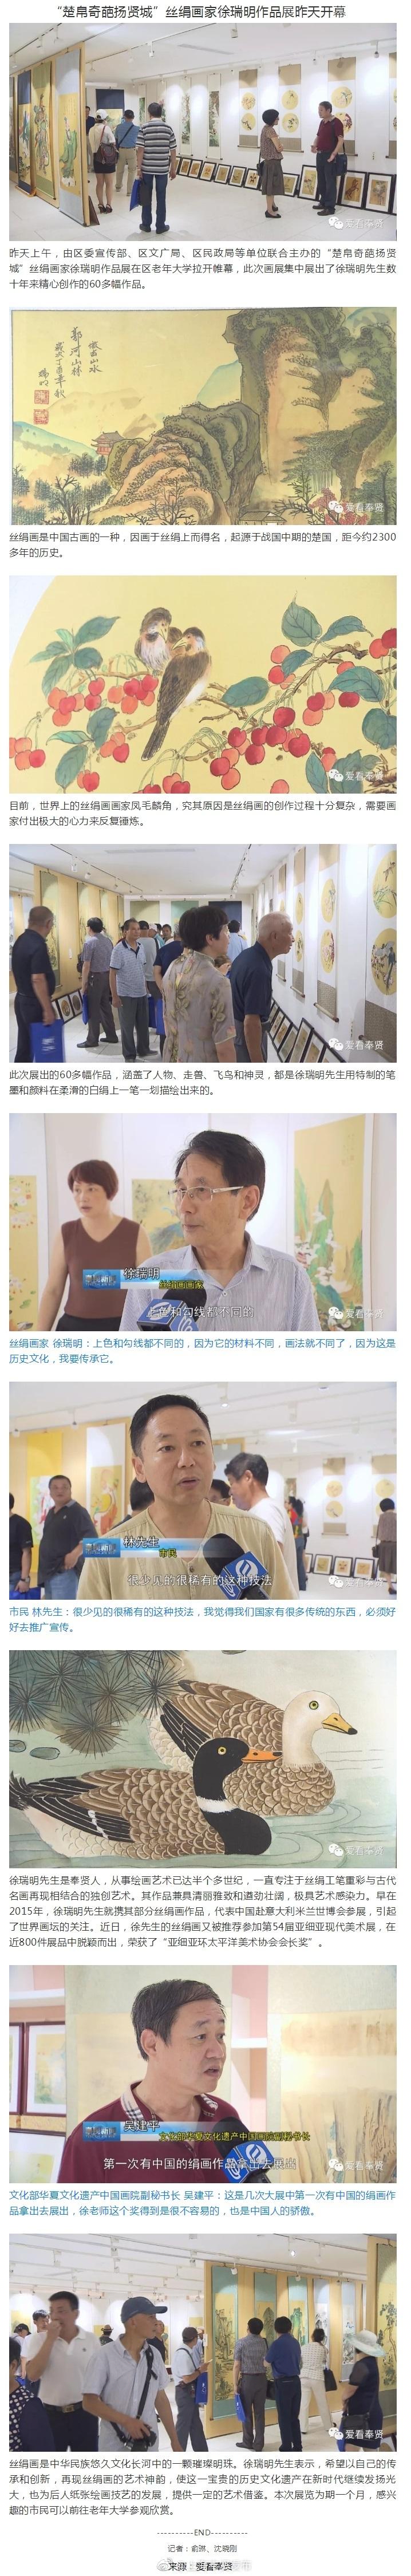 """""""楚帛奇葩扬贤城""""丝绢画家徐瑞明作品展昨天开幕"""